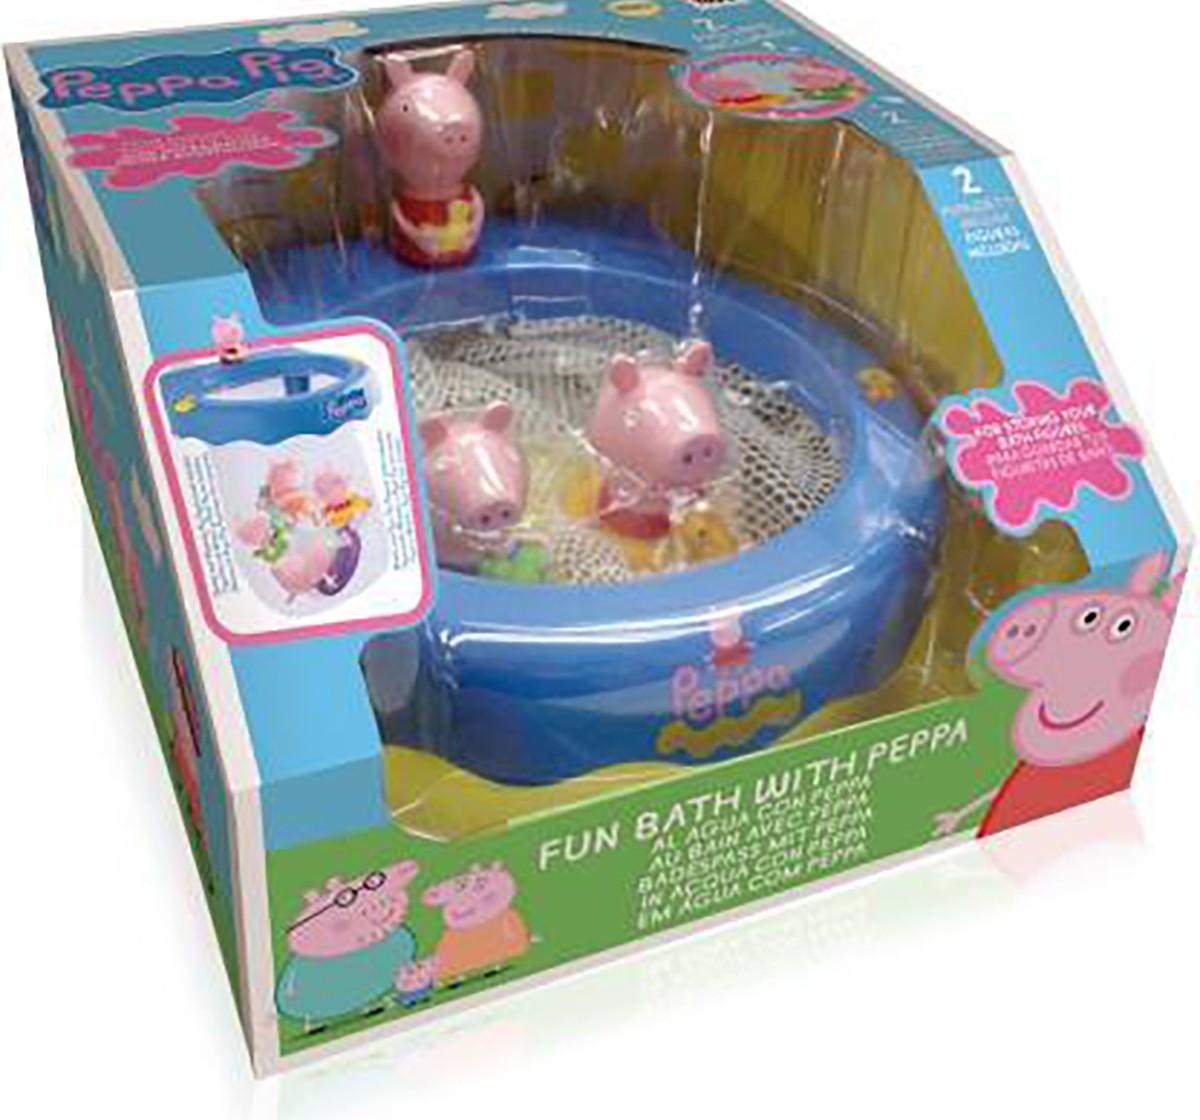 Peppa Pig Fun Bath with Peppa Bath Toys & Accessories for Kids age 2Y+